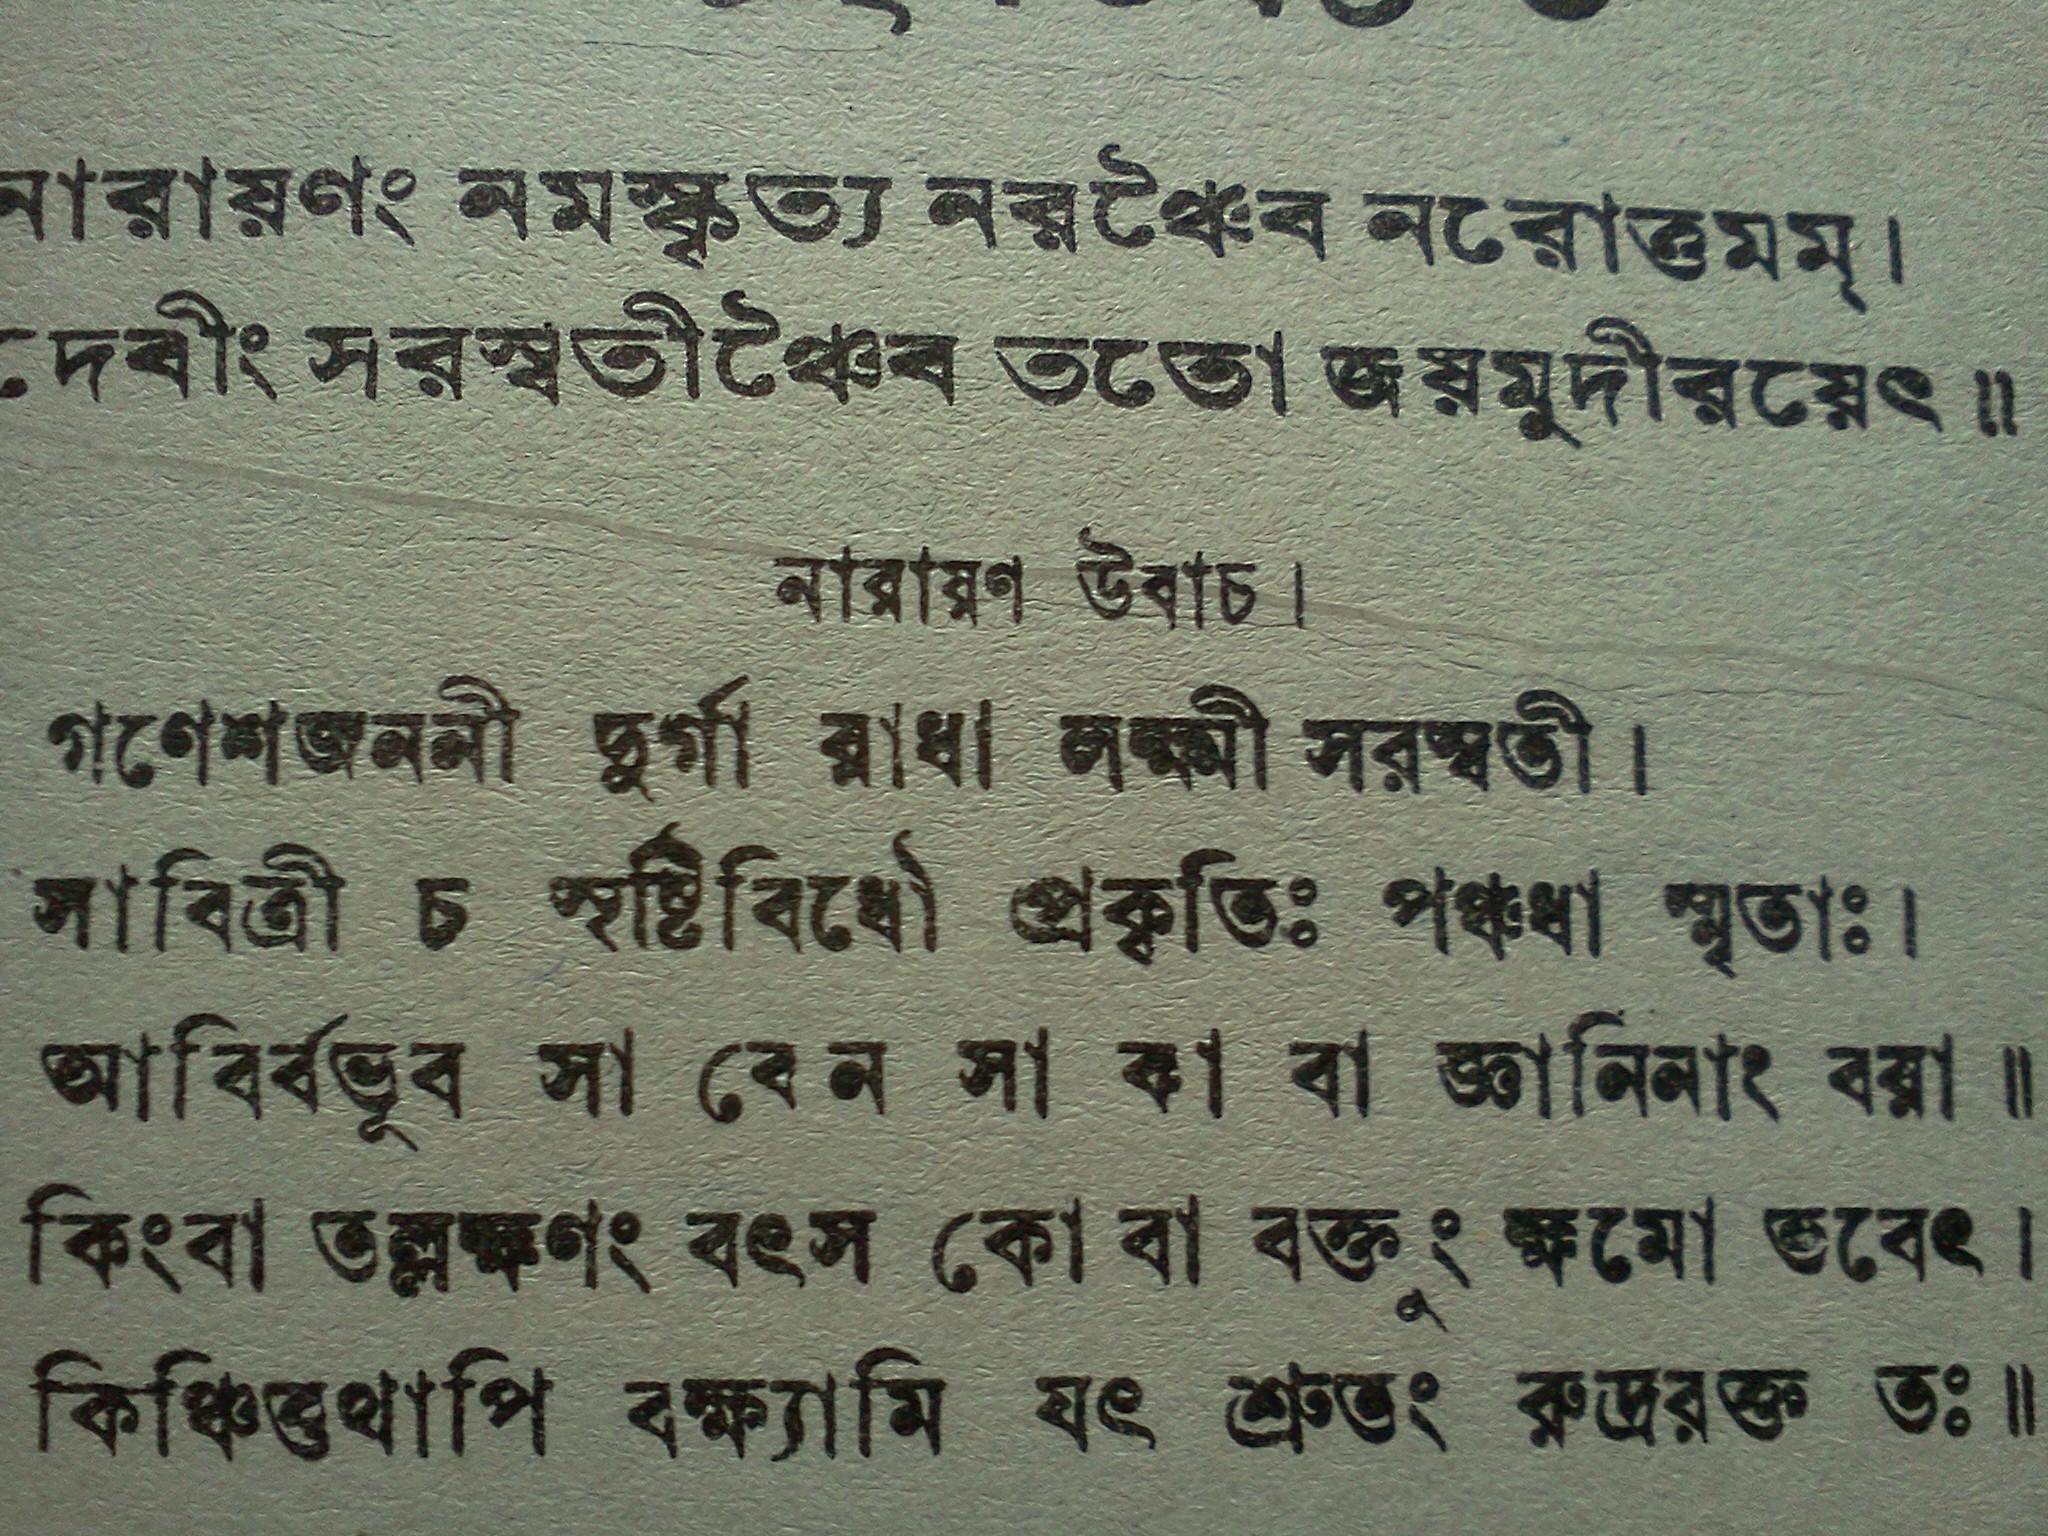 vyasa mahabharata in telugu pdf